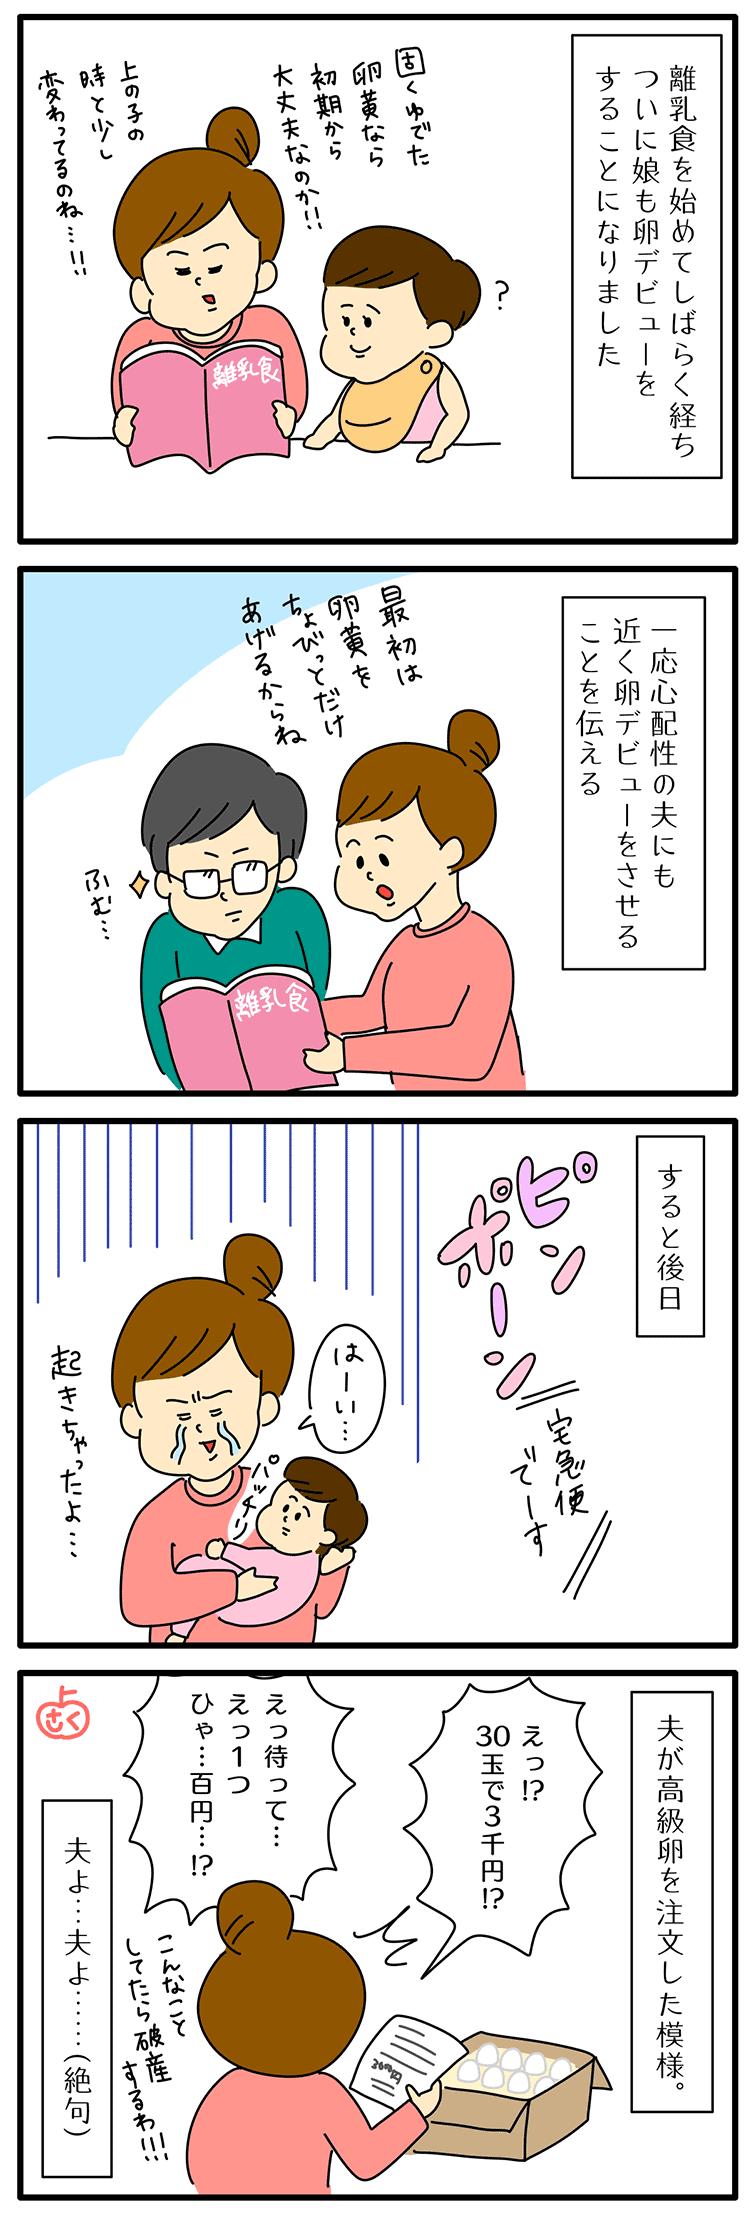 離乳食の卵についての永岡さくら(saku)子育て4コマ漫画